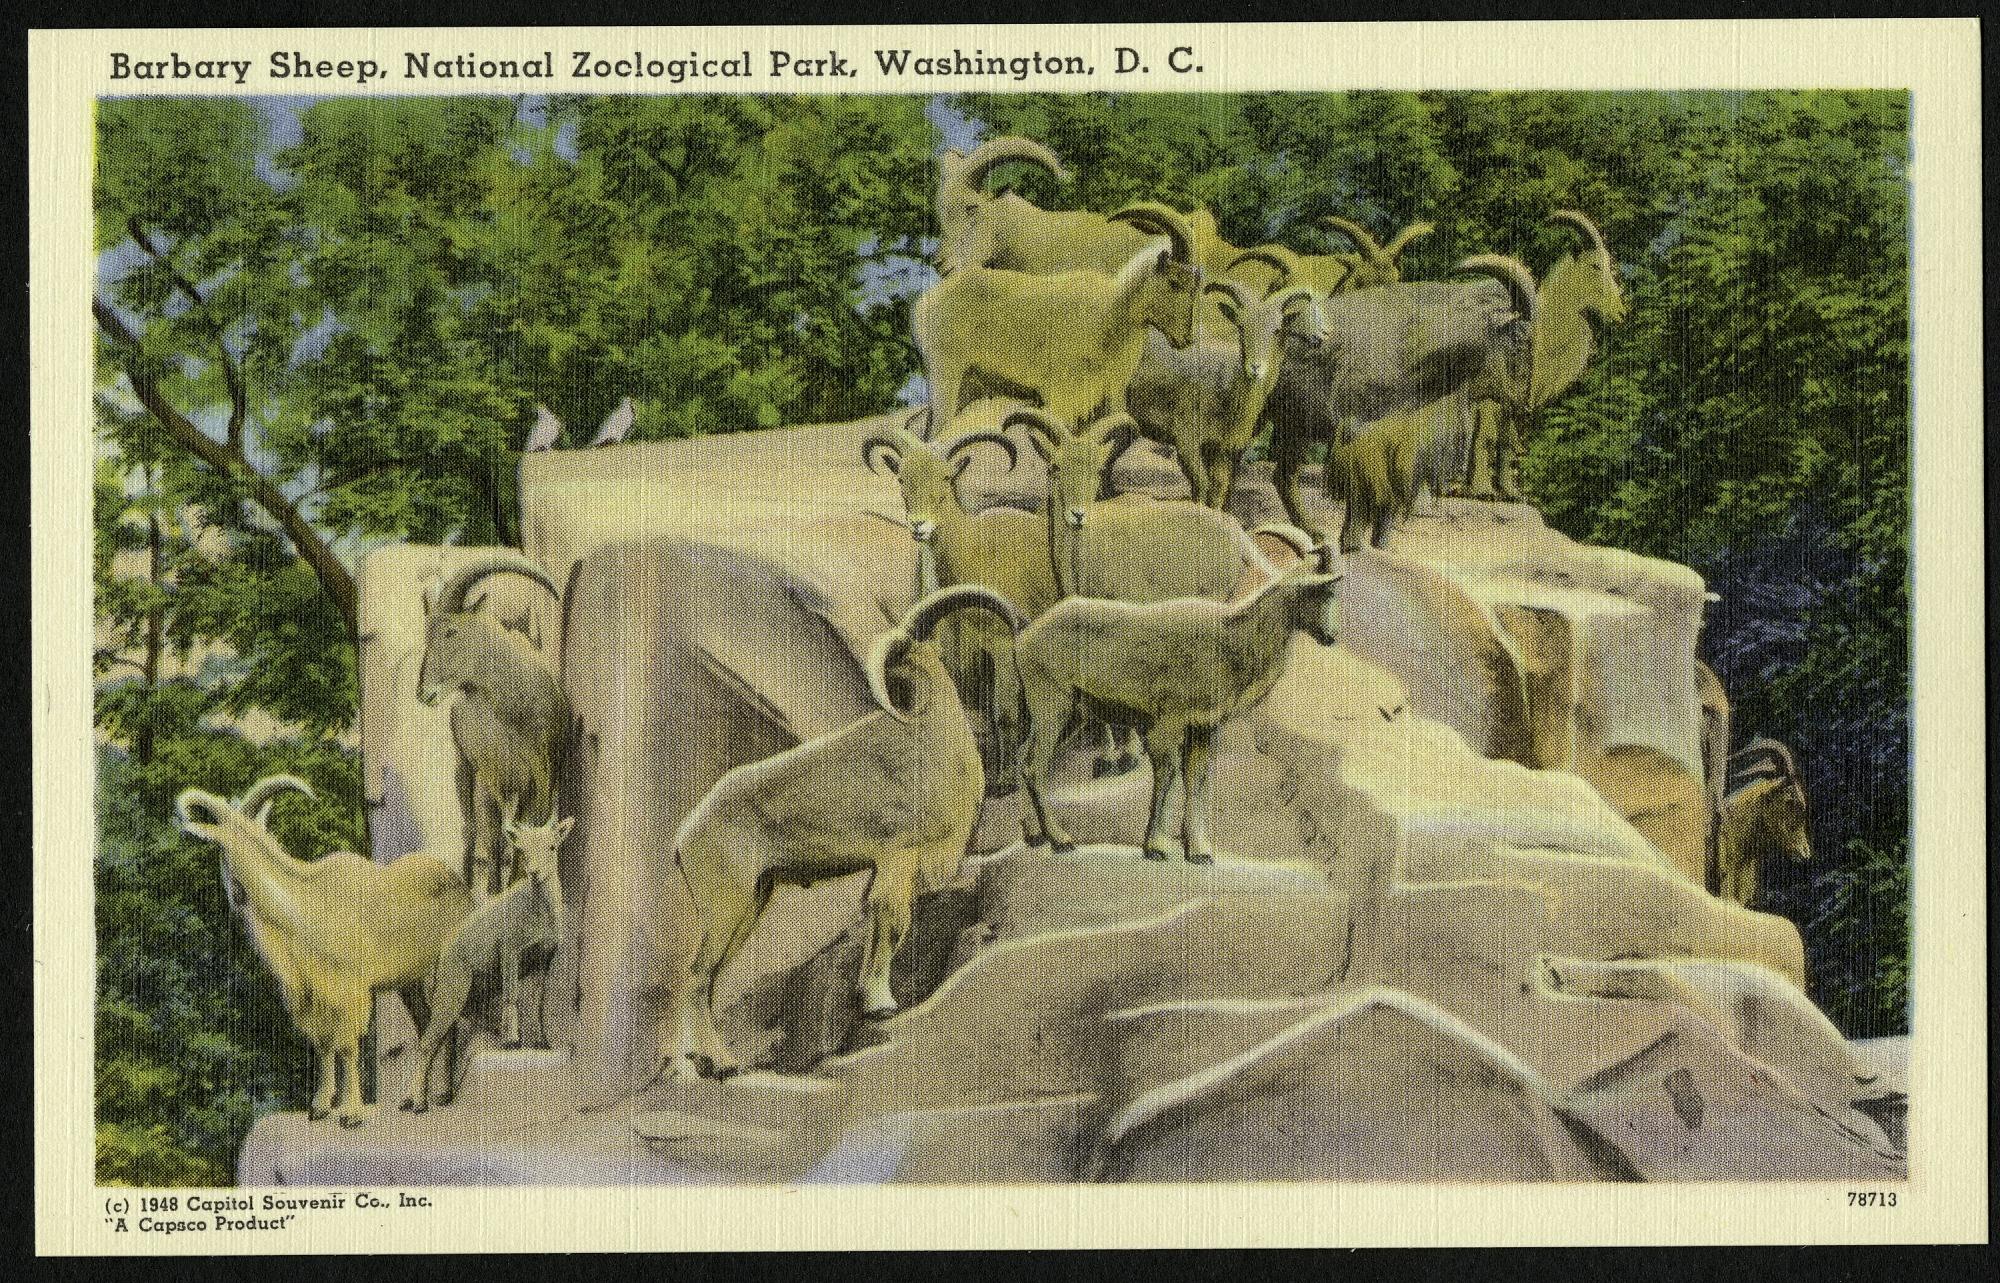 Blank Postcard of Barbary Sheep at the Zoo